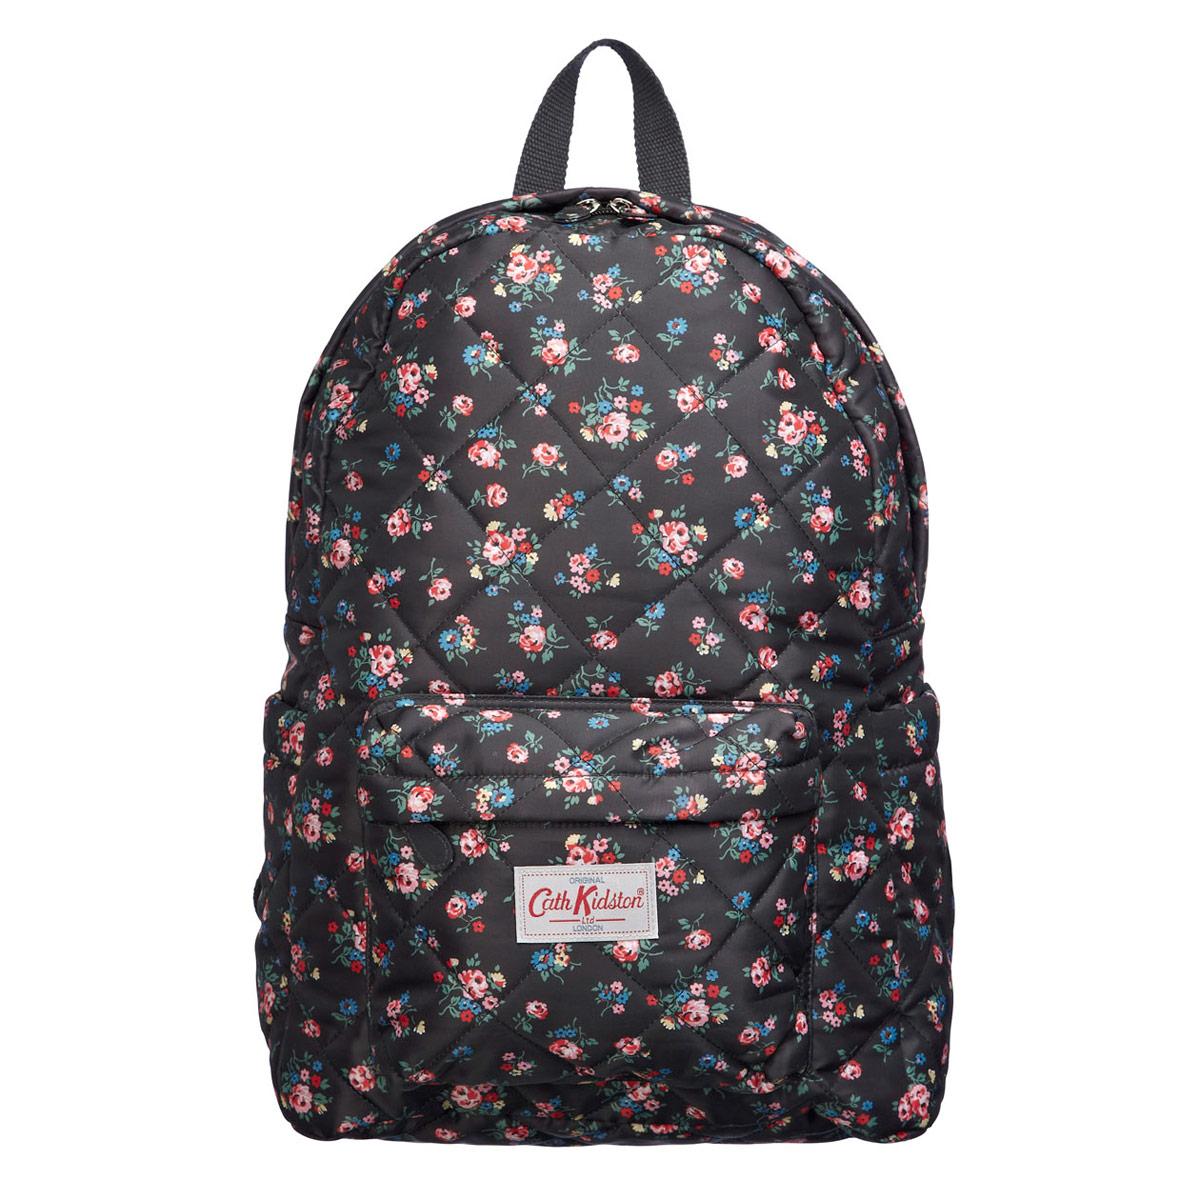 quilted backpacks for school. Black Bedroom Furniture Sets. Home Design Ideas